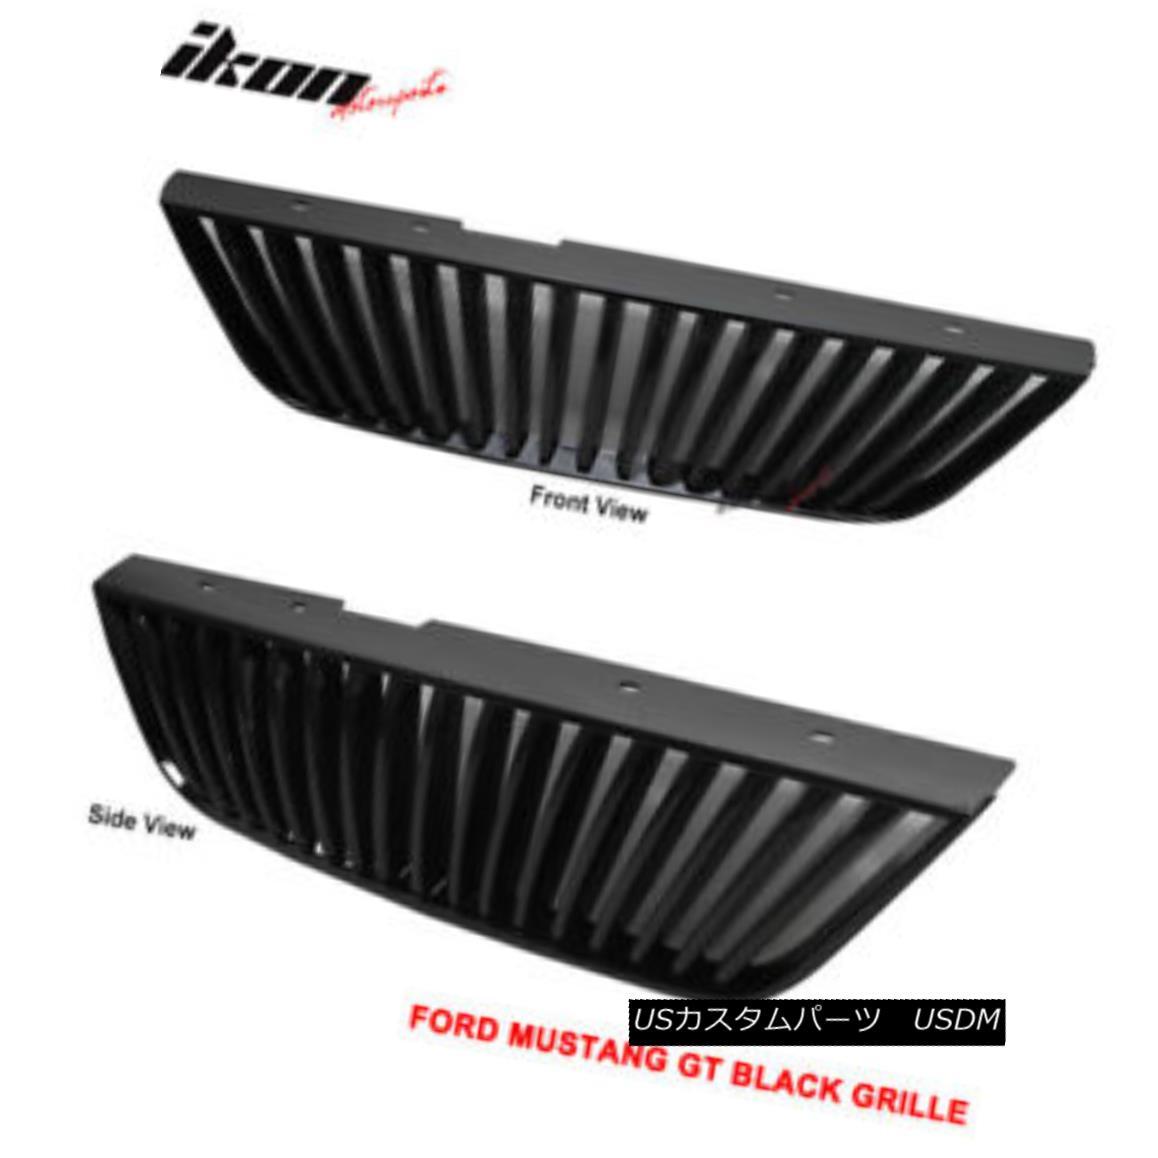 グリル Fits 99-04 Ford Mustang GT V6 V8 ABS Black Hood Grille Vip フィット99 - 04フォードマスタングGT V6 V8 ABSブラックフードグリルVIP